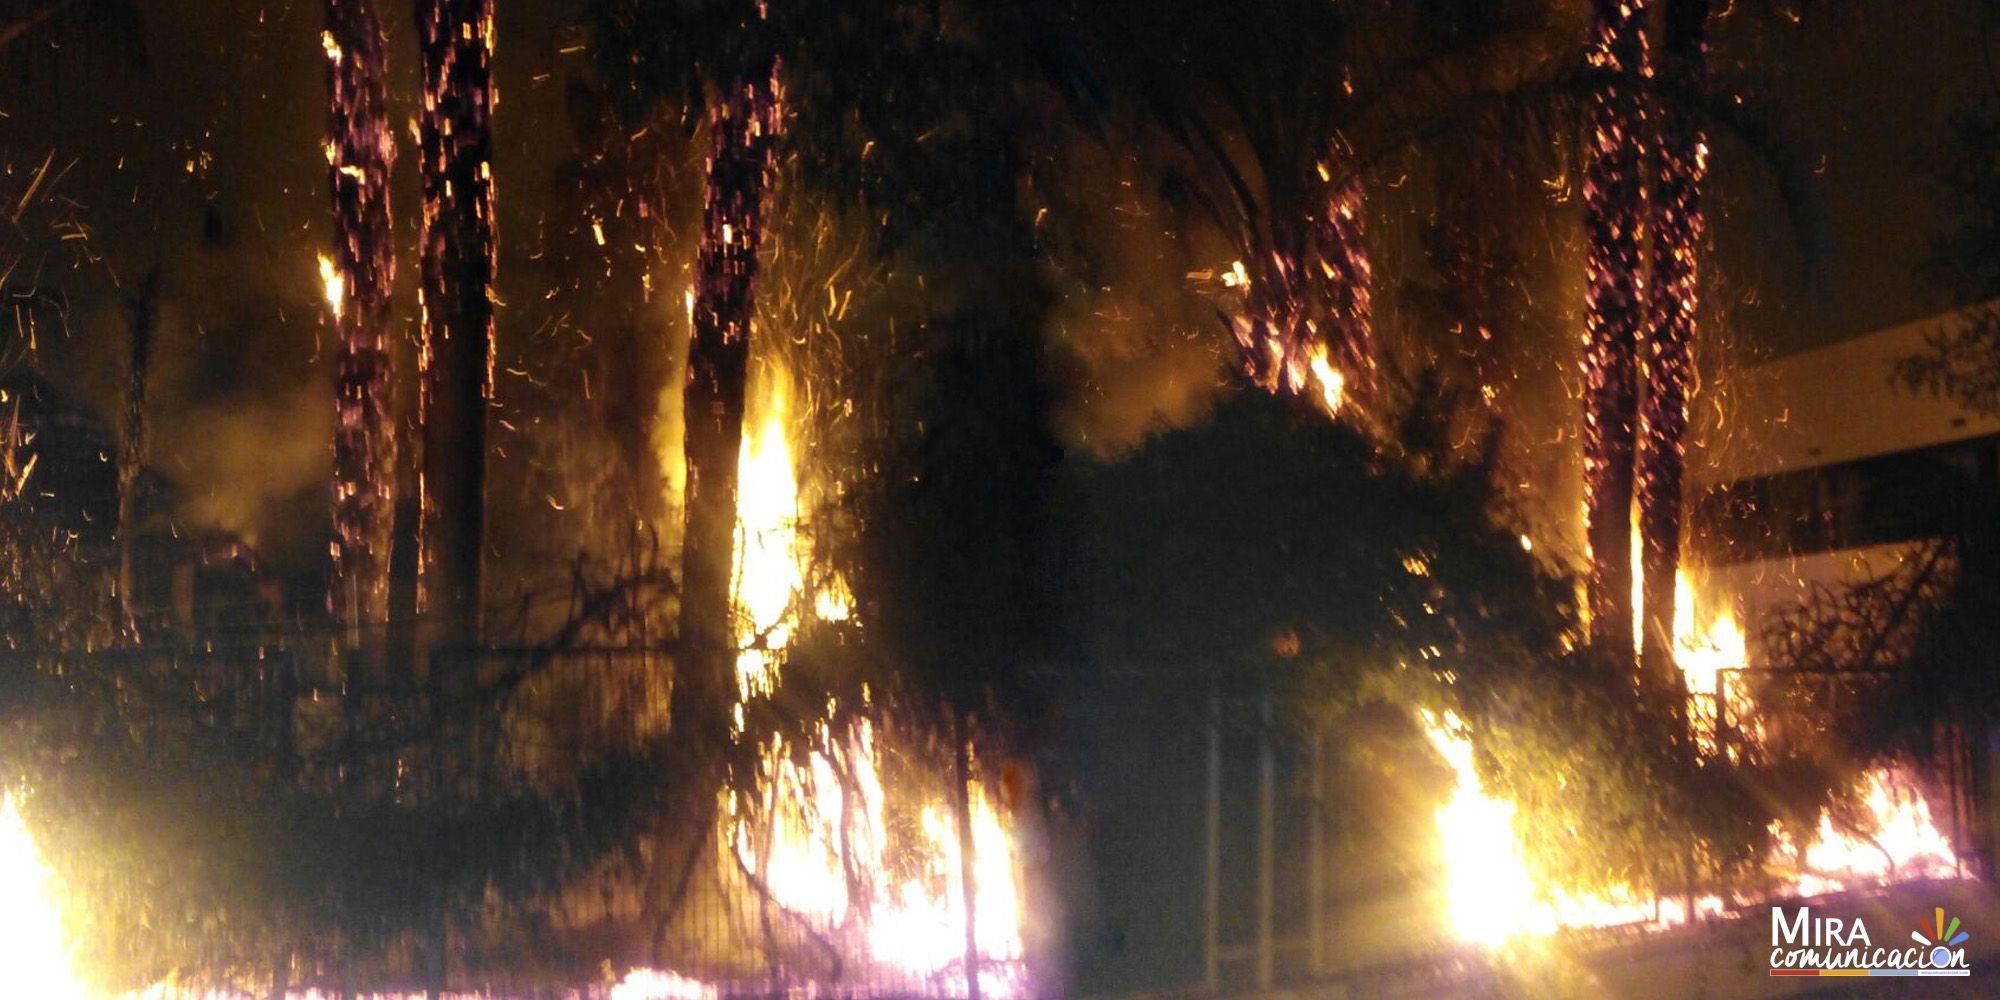 Incendio en vallado, arbustos y árboles de chalet entre Avenida Andalucía y Calle Zeus | MIRA Jerez